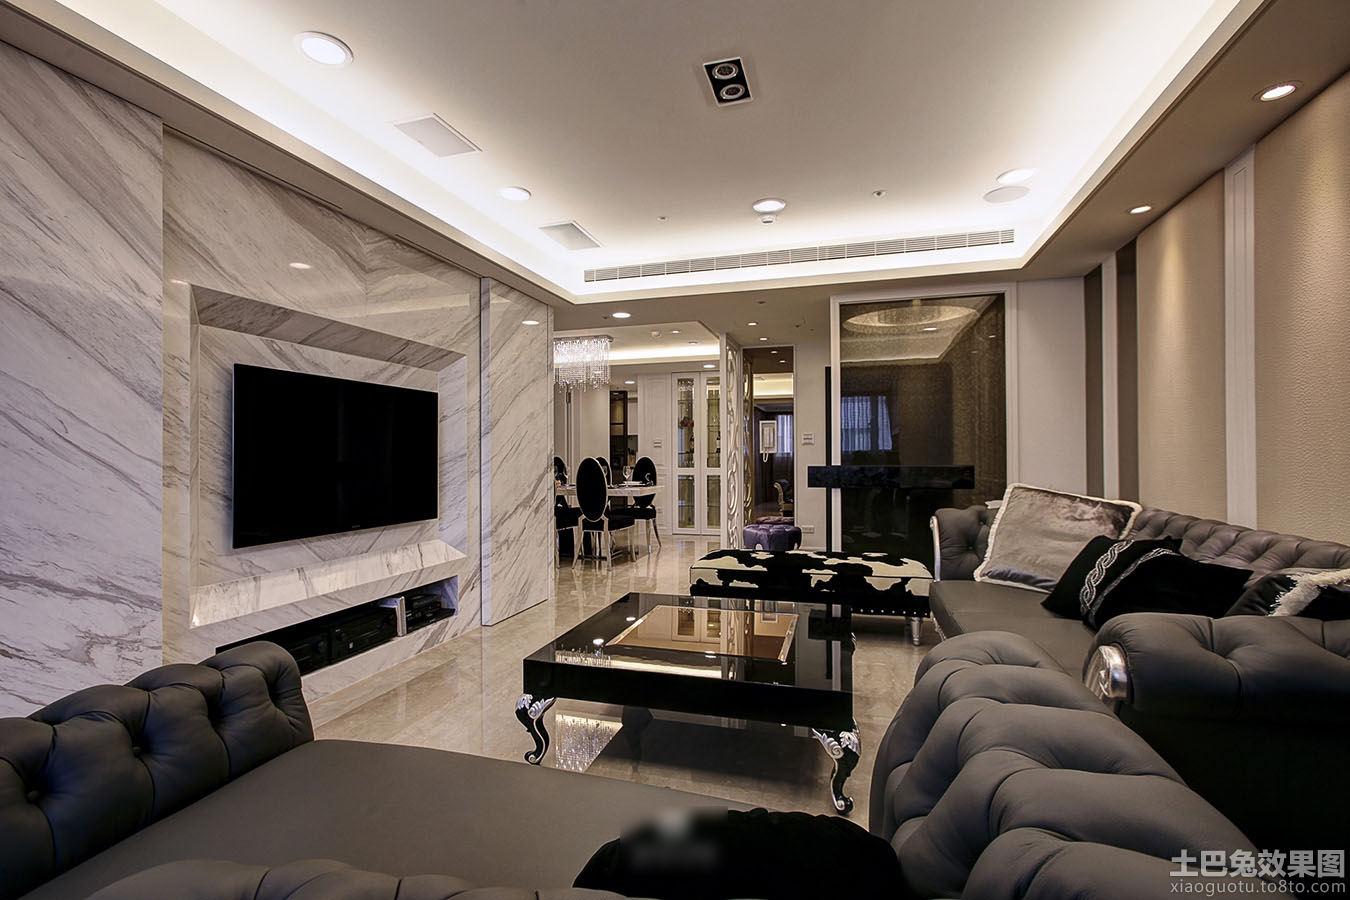 装修效果图 > 欧式风格二居室客厅大理石电视背景墙设计图片